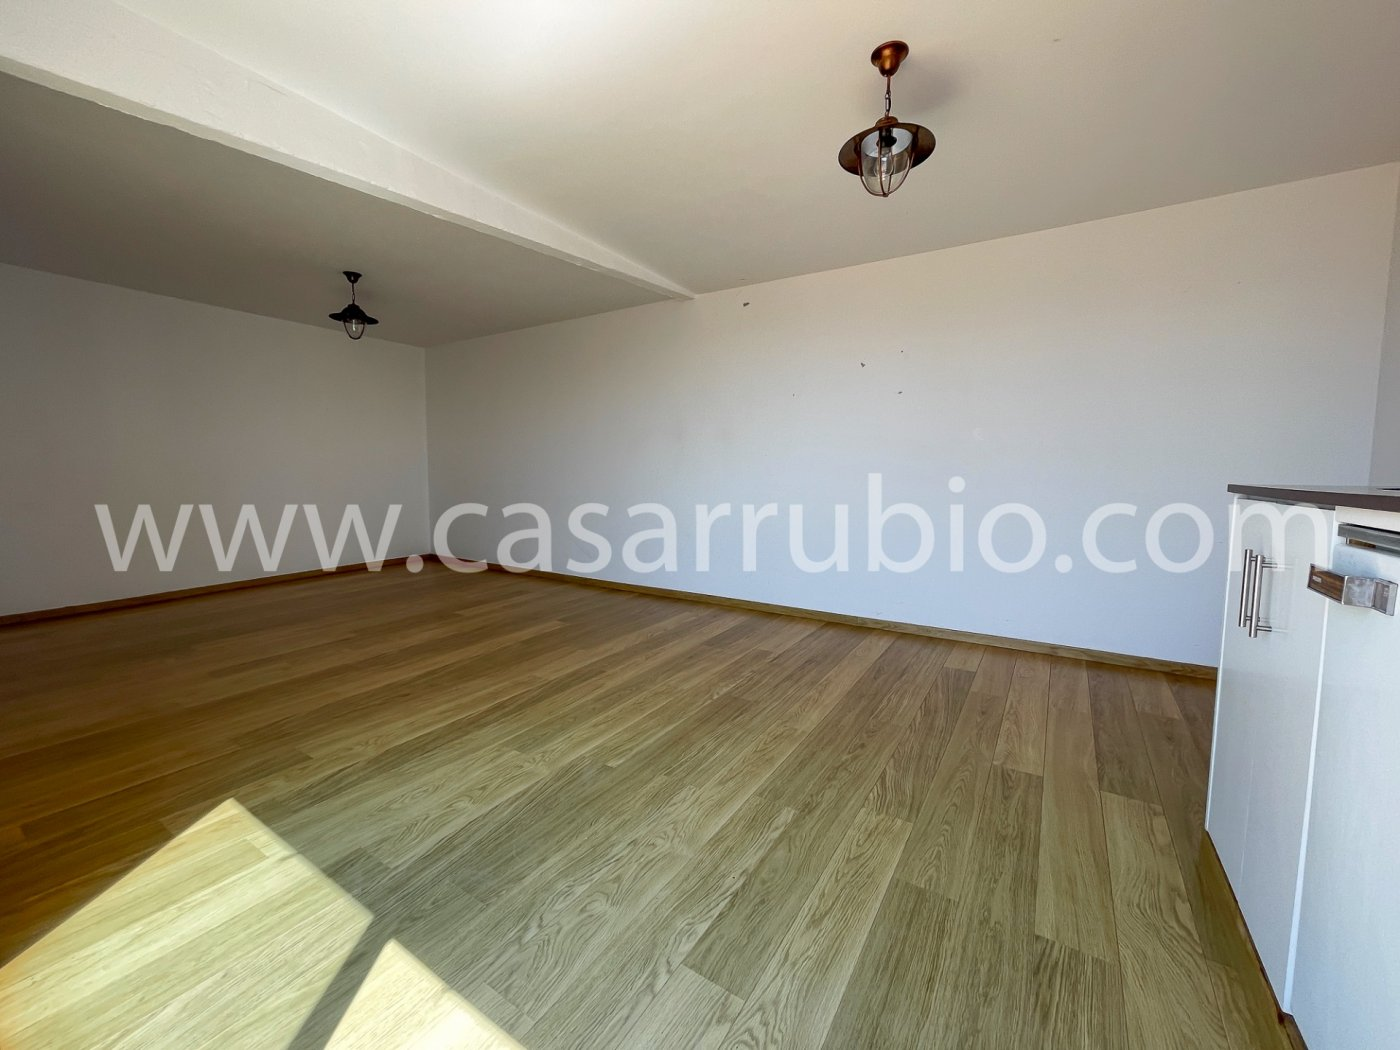 Estupenda casa reformada y con terraza en onil !! - imagenInmueble21